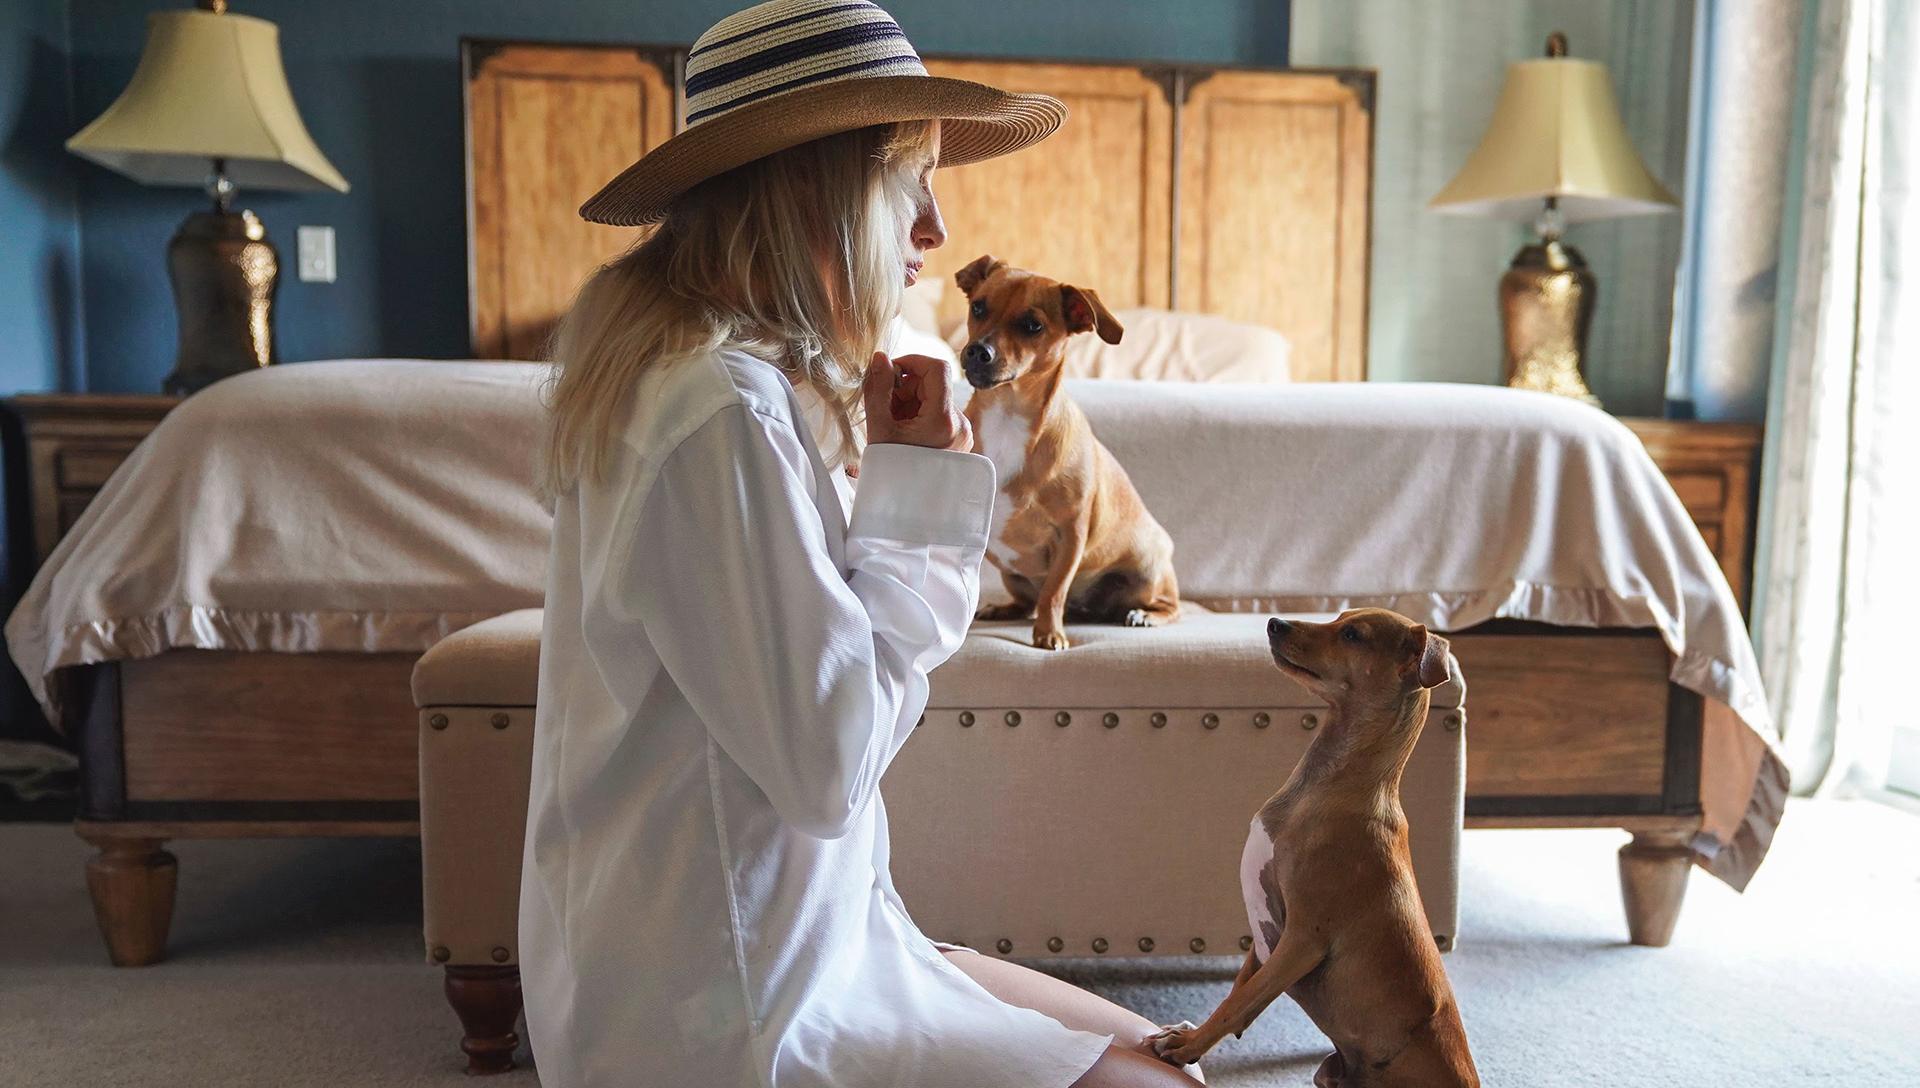 mladá žena v hotelu se dvěma psy